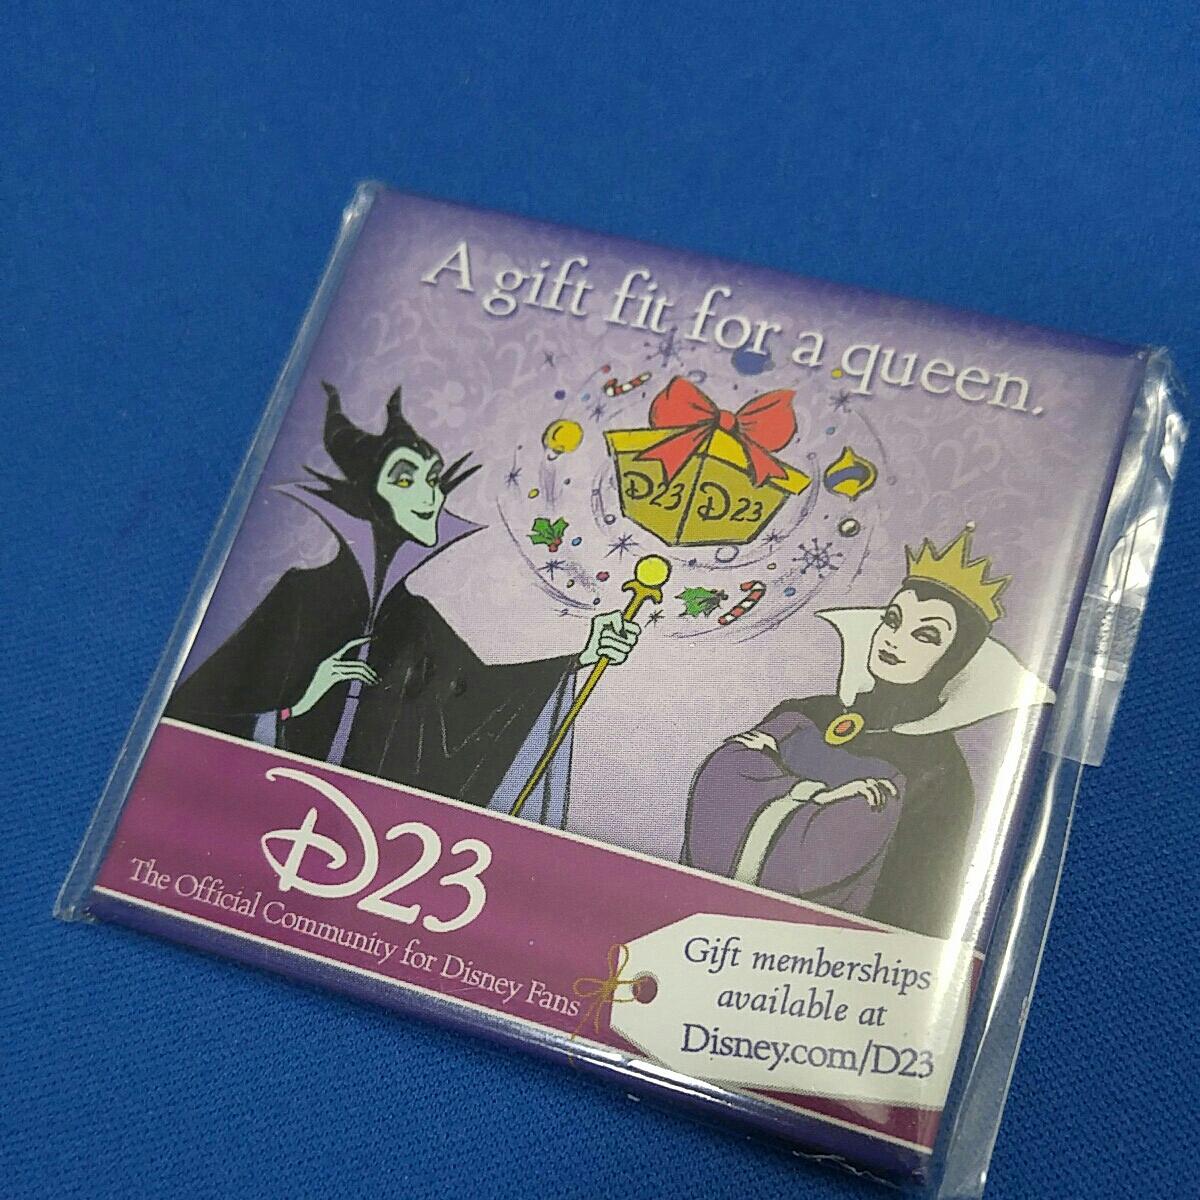 海外 D23 スクエア 缶バッジ ヴィランズ マレフィセント クイーン スクエア A gift fit for a queen. ディズニーグッズの画像